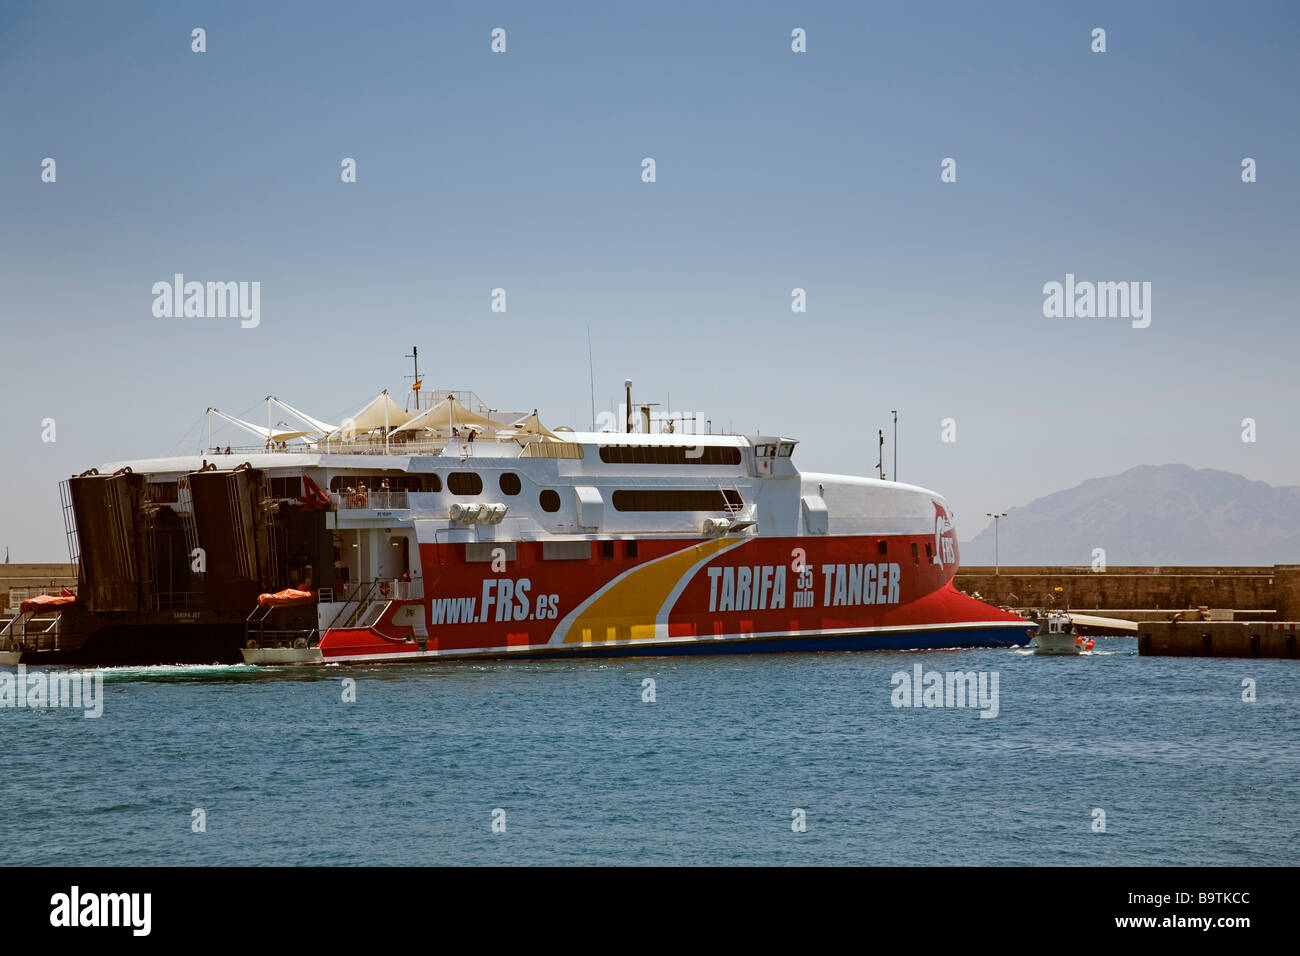 Compañías de ferry de Tarifa a Tánger